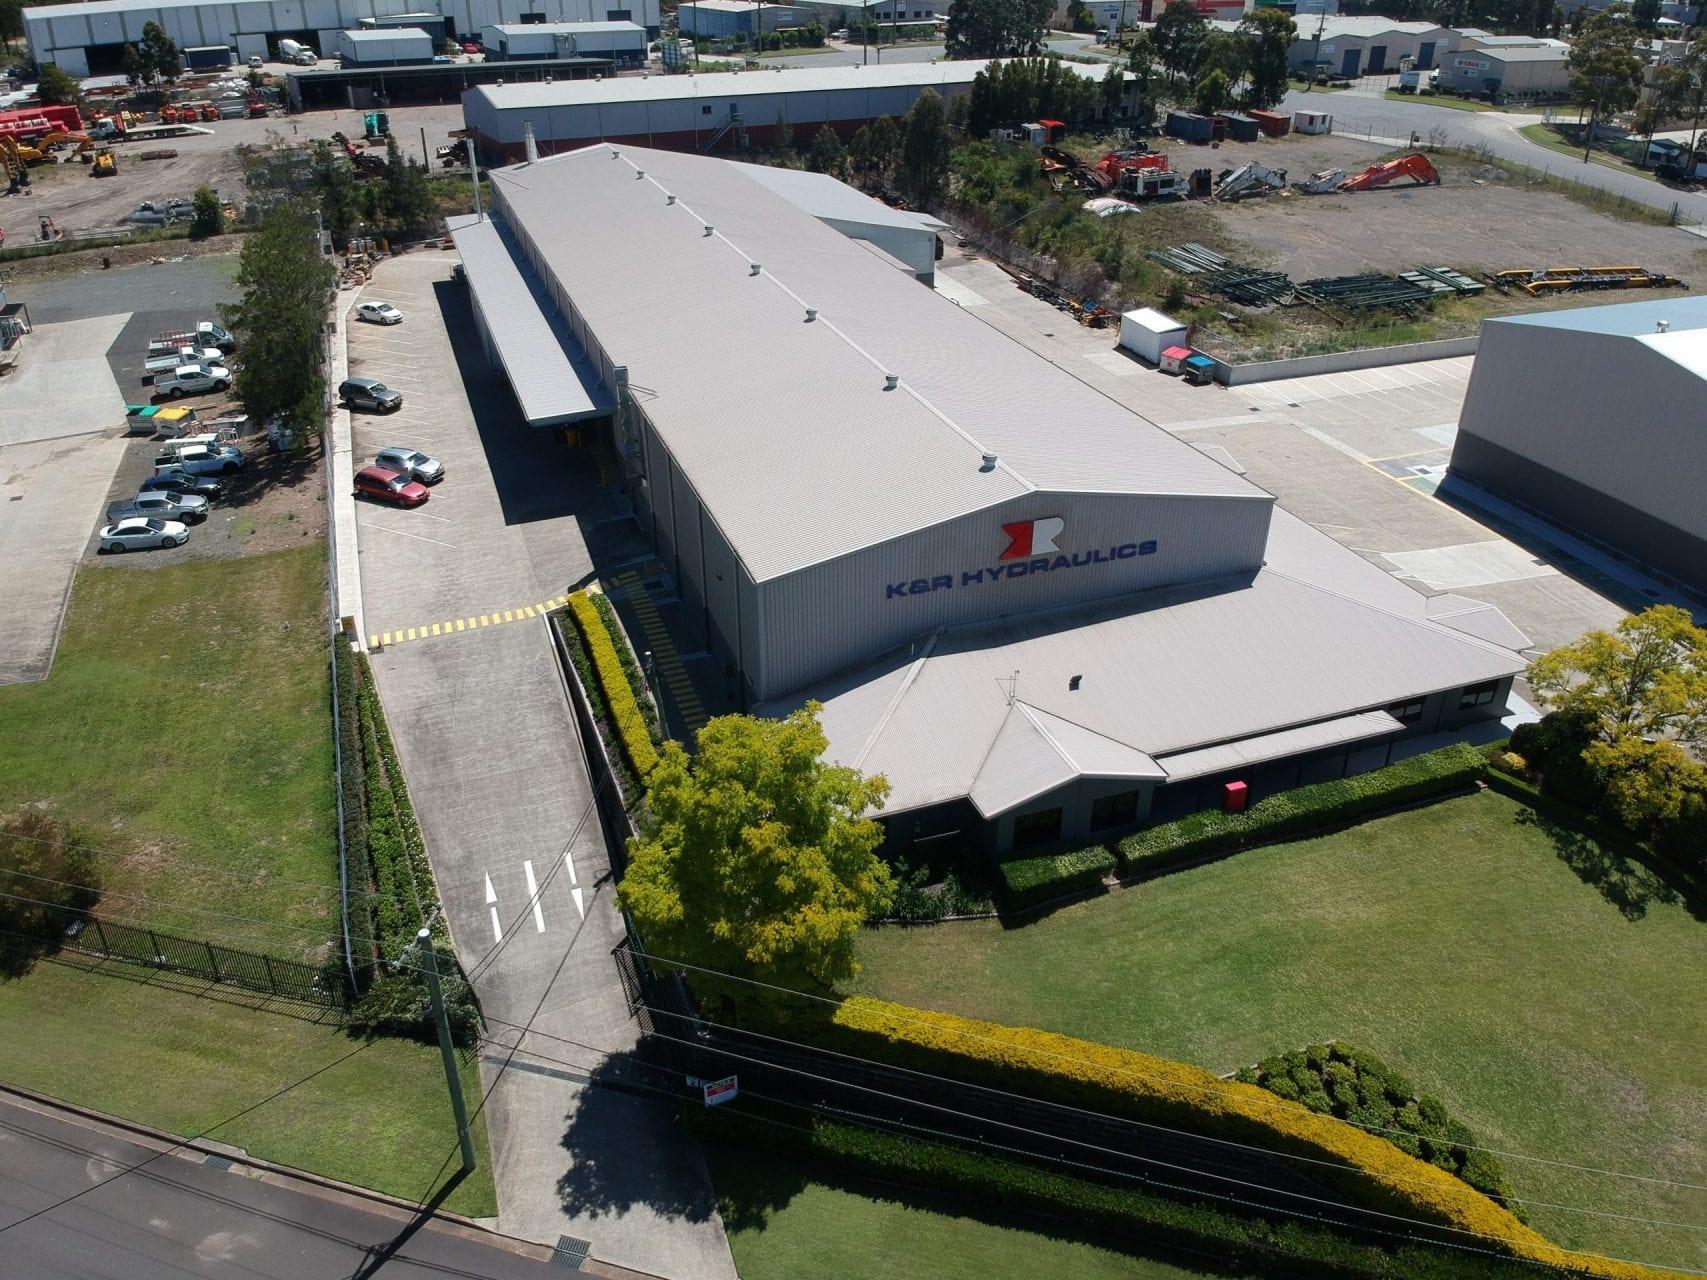 K&R Hydraulics Thornton Facility